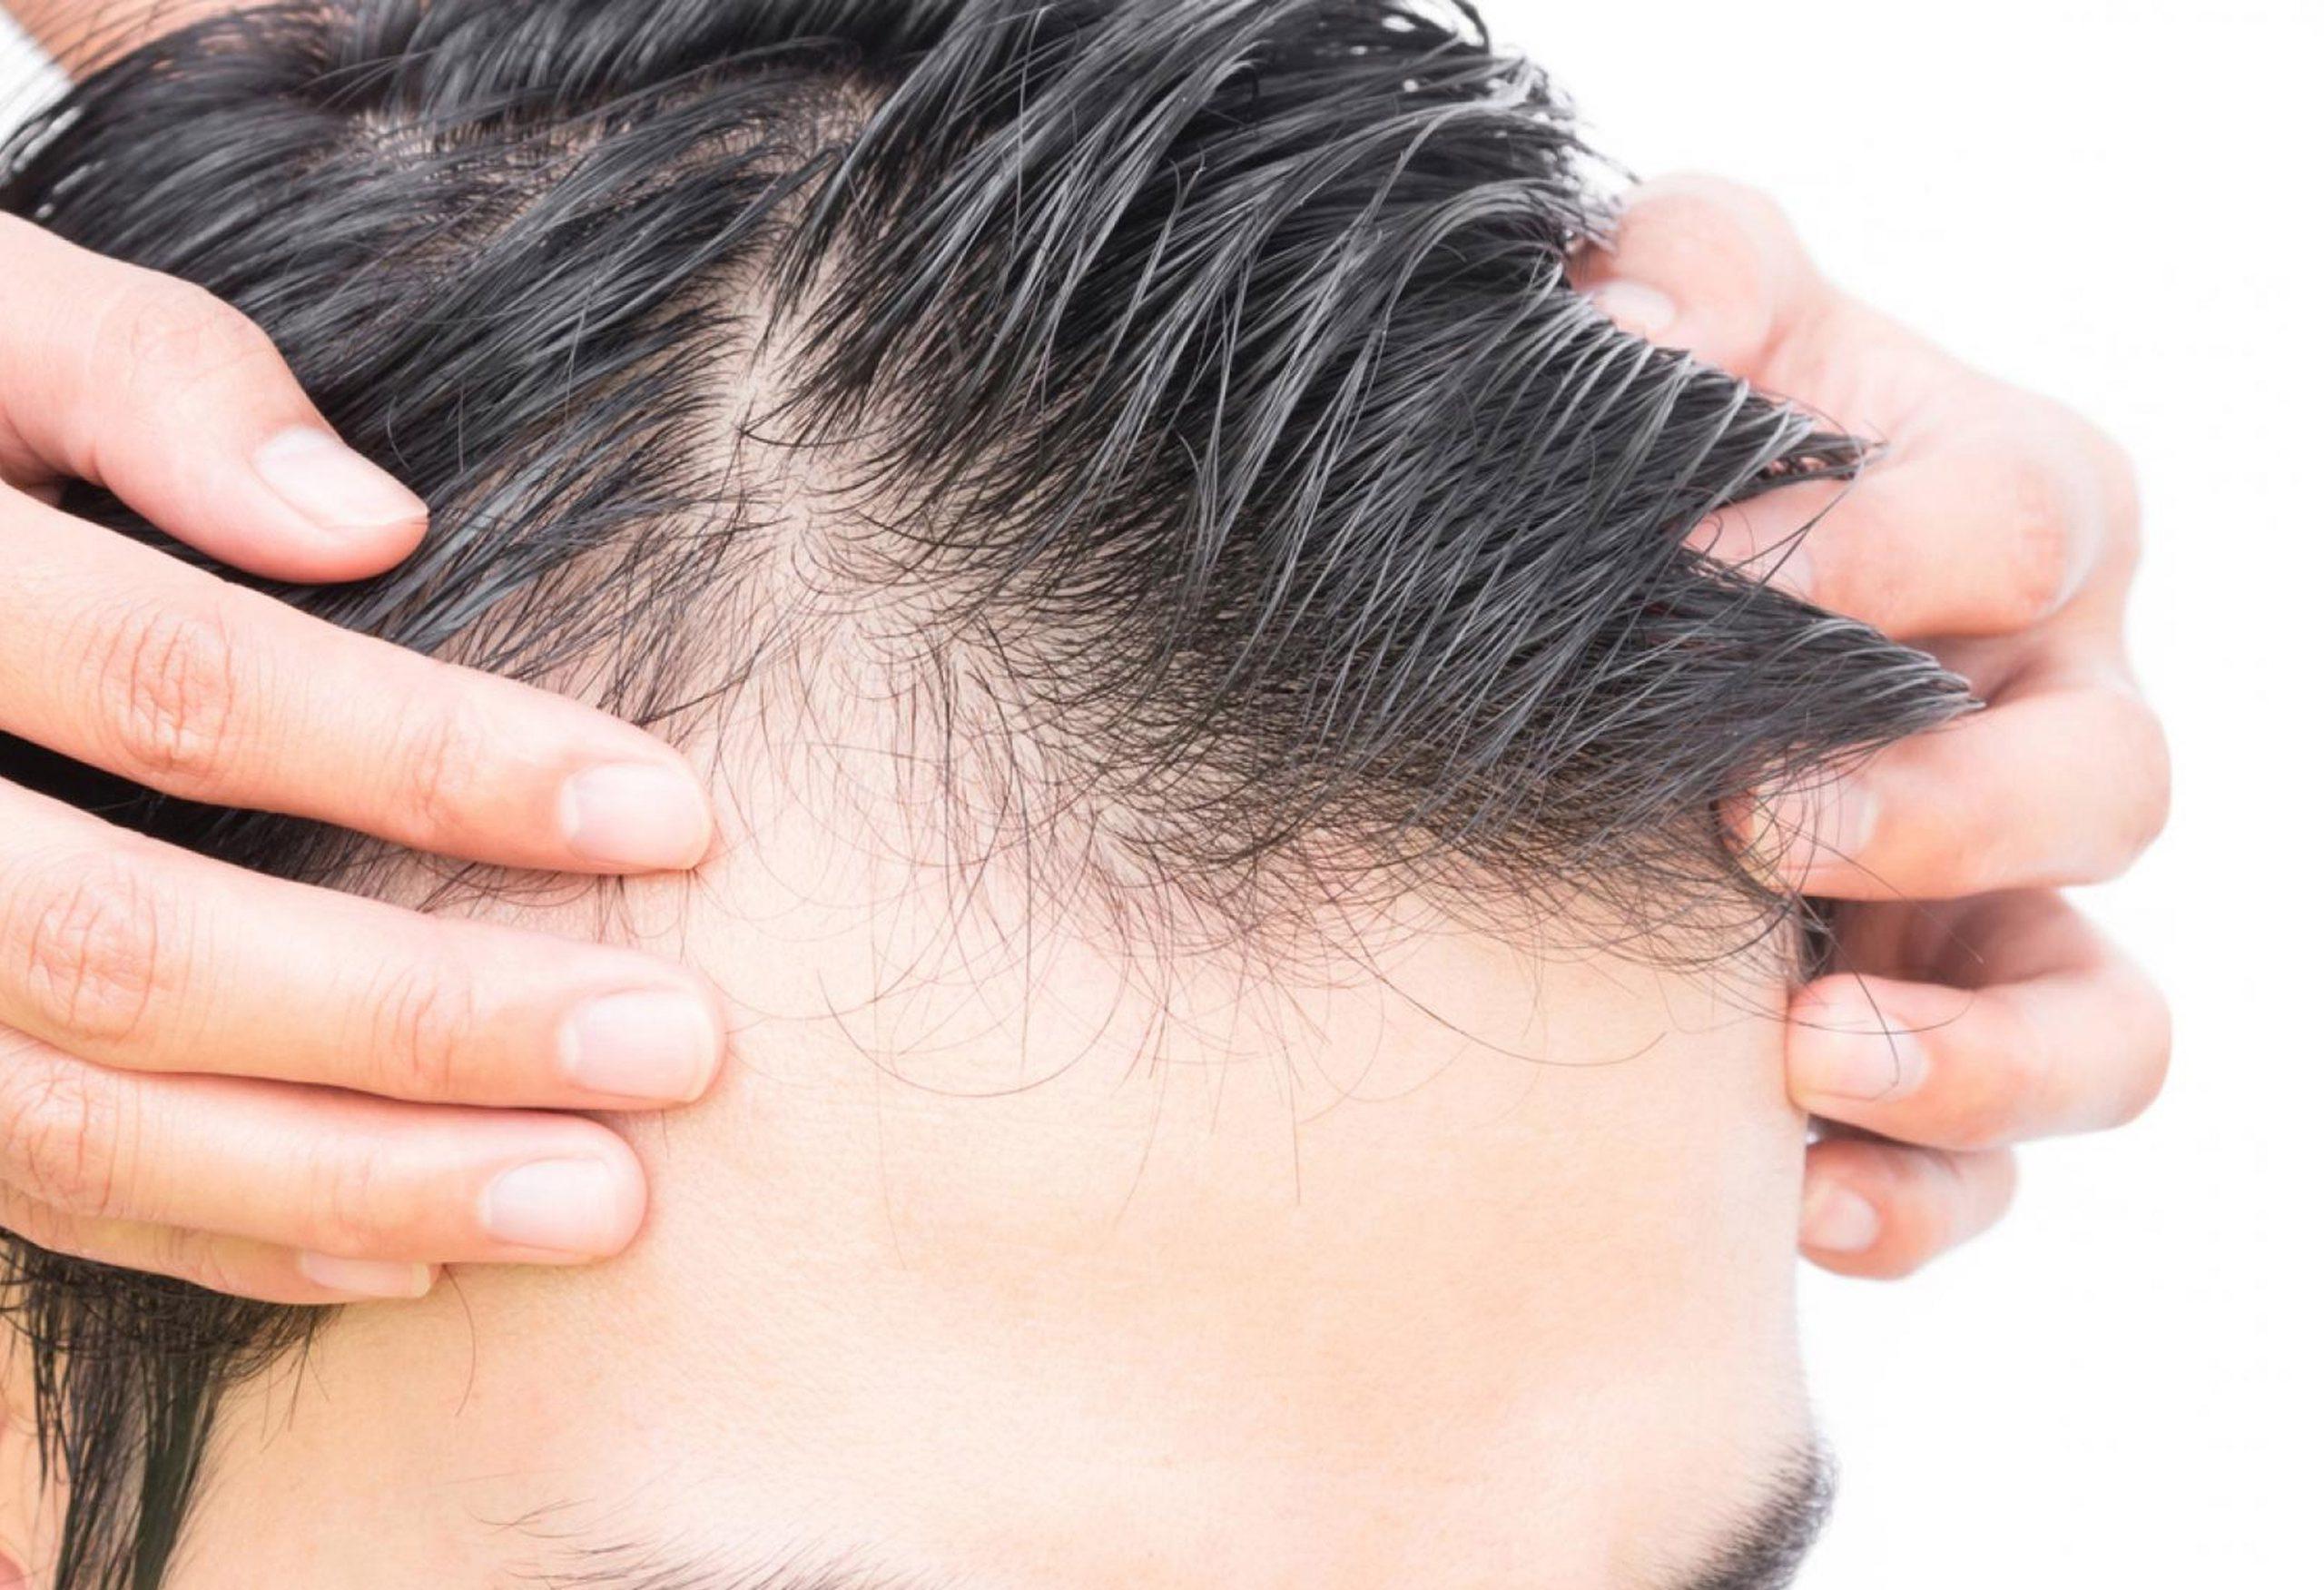 Hairstim - na forum - modry konik - skusenosti - recenzie